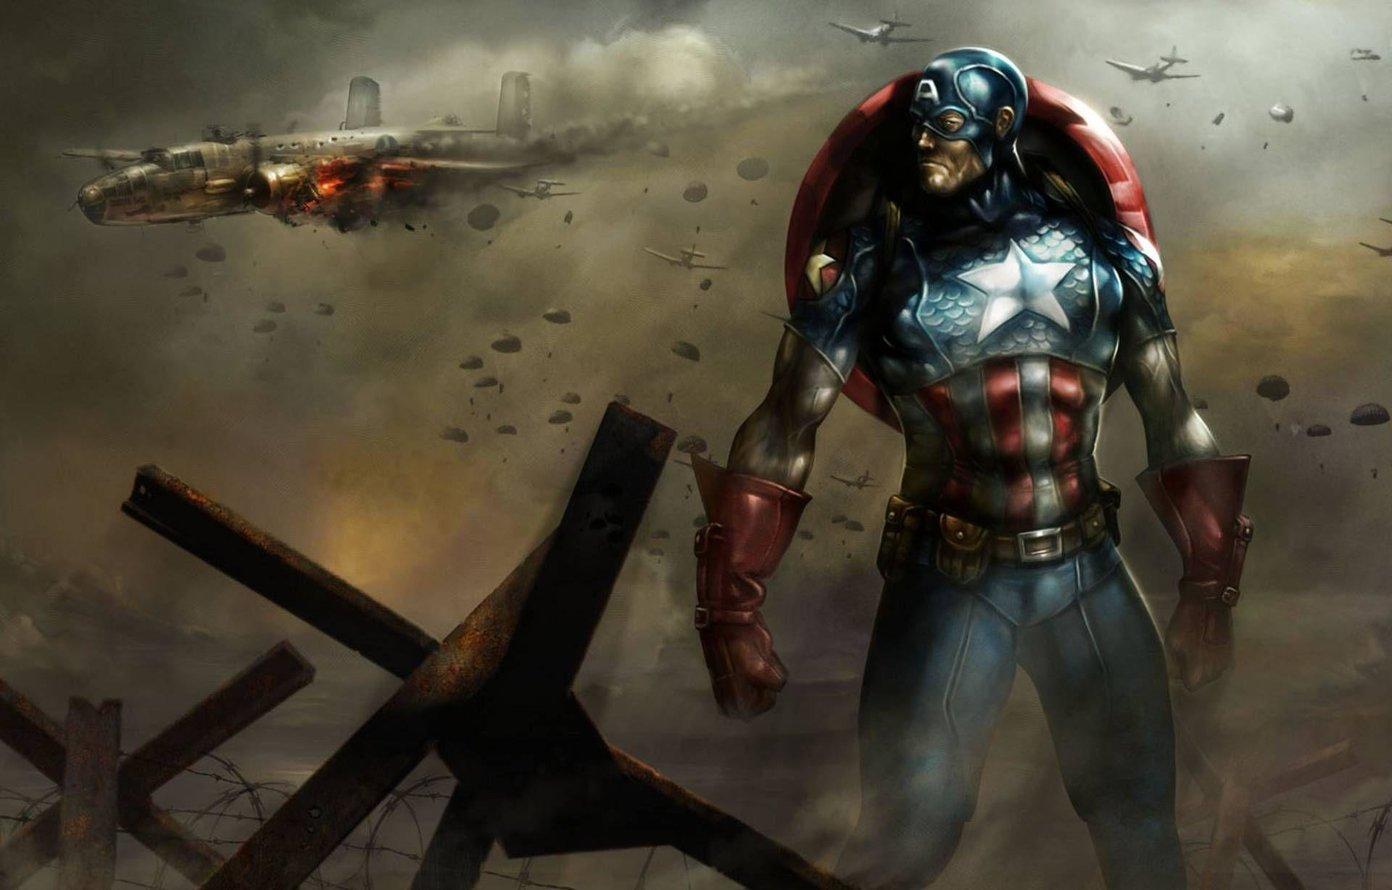 Los 10 mejores fondos de pantalla en HD del Capitán América que debes descargar 3